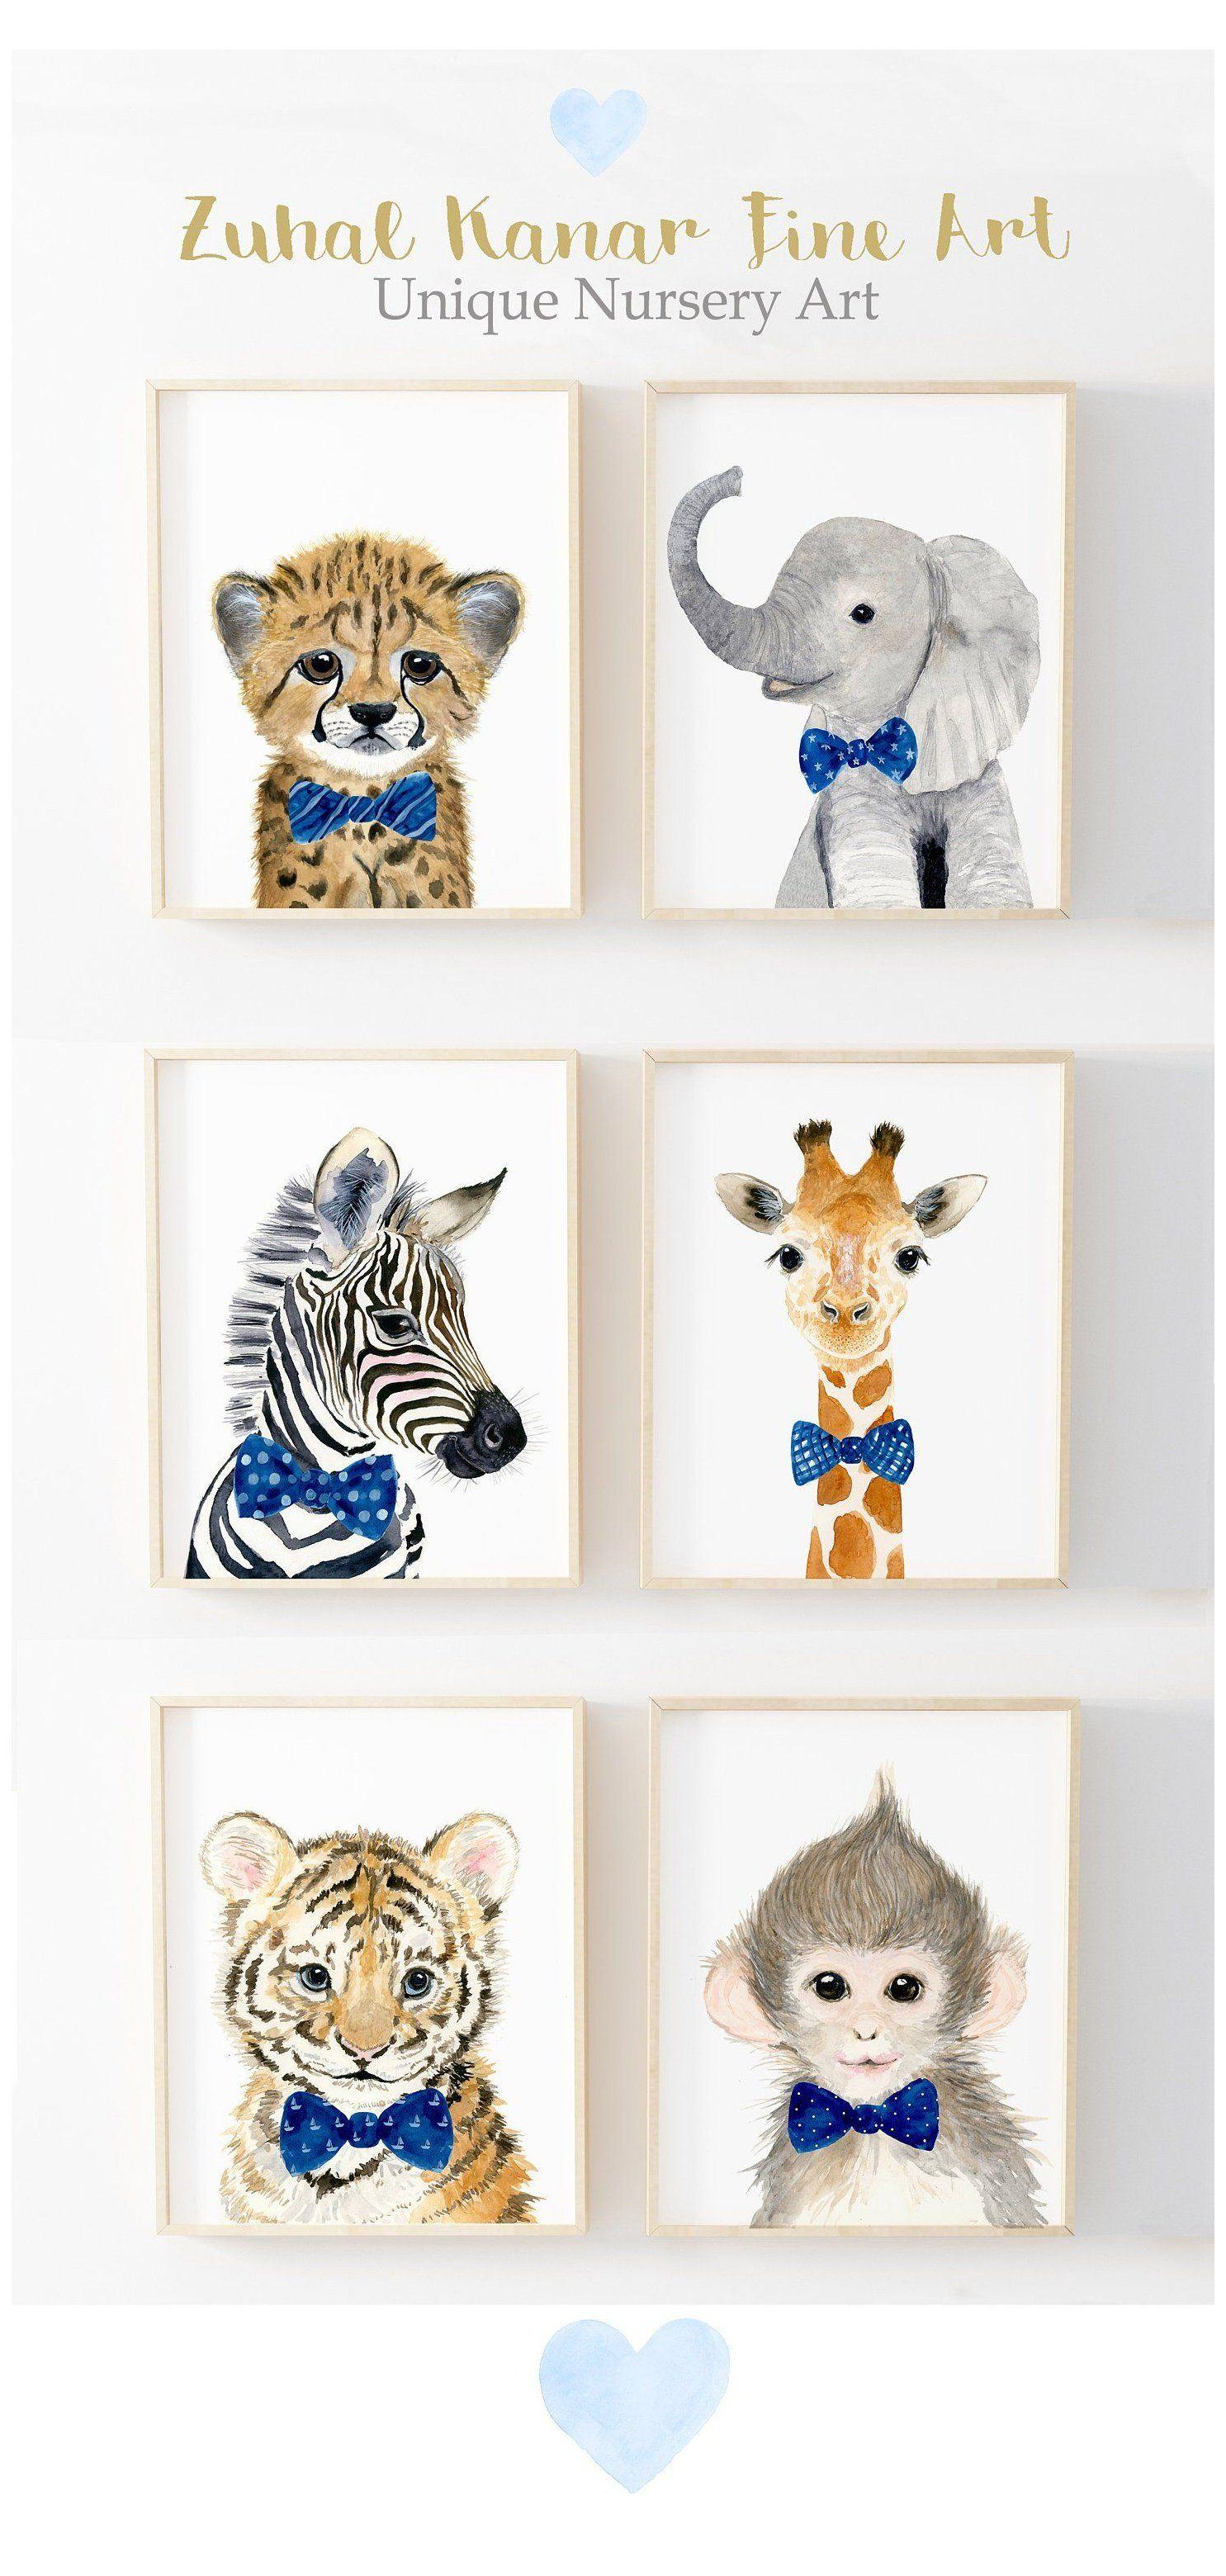 Safari Nursery Prints Set Of 6 Nursery Decor Nursery Wall Art Safari Nursery Prints Animal In 2020 Baby Boy Room Nursery Nursery Animal Prints Safari Animals Nursery